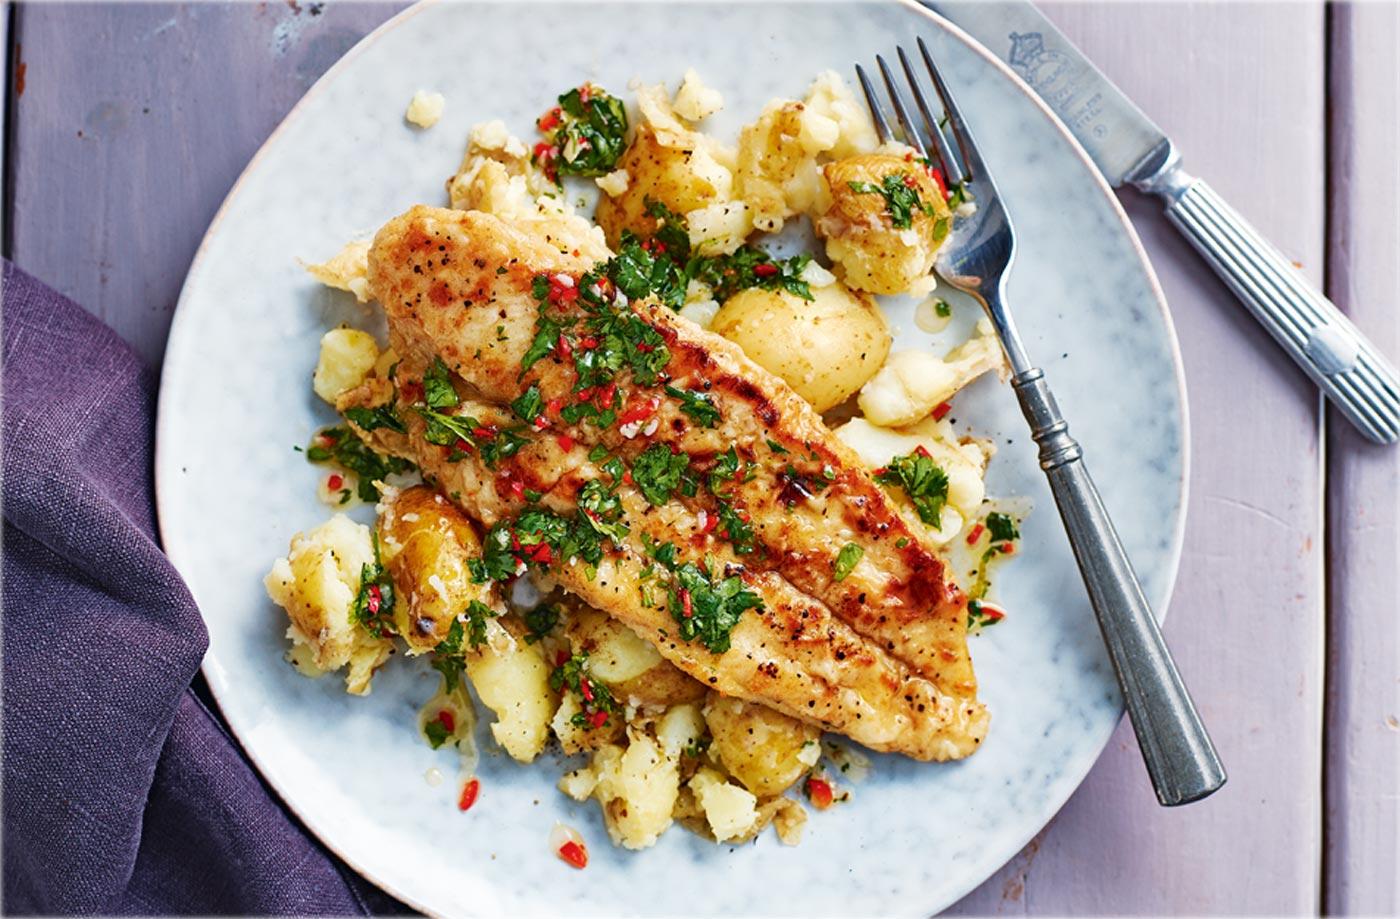 Pan Fried Panga Fillets With Garlic Potatoes Your